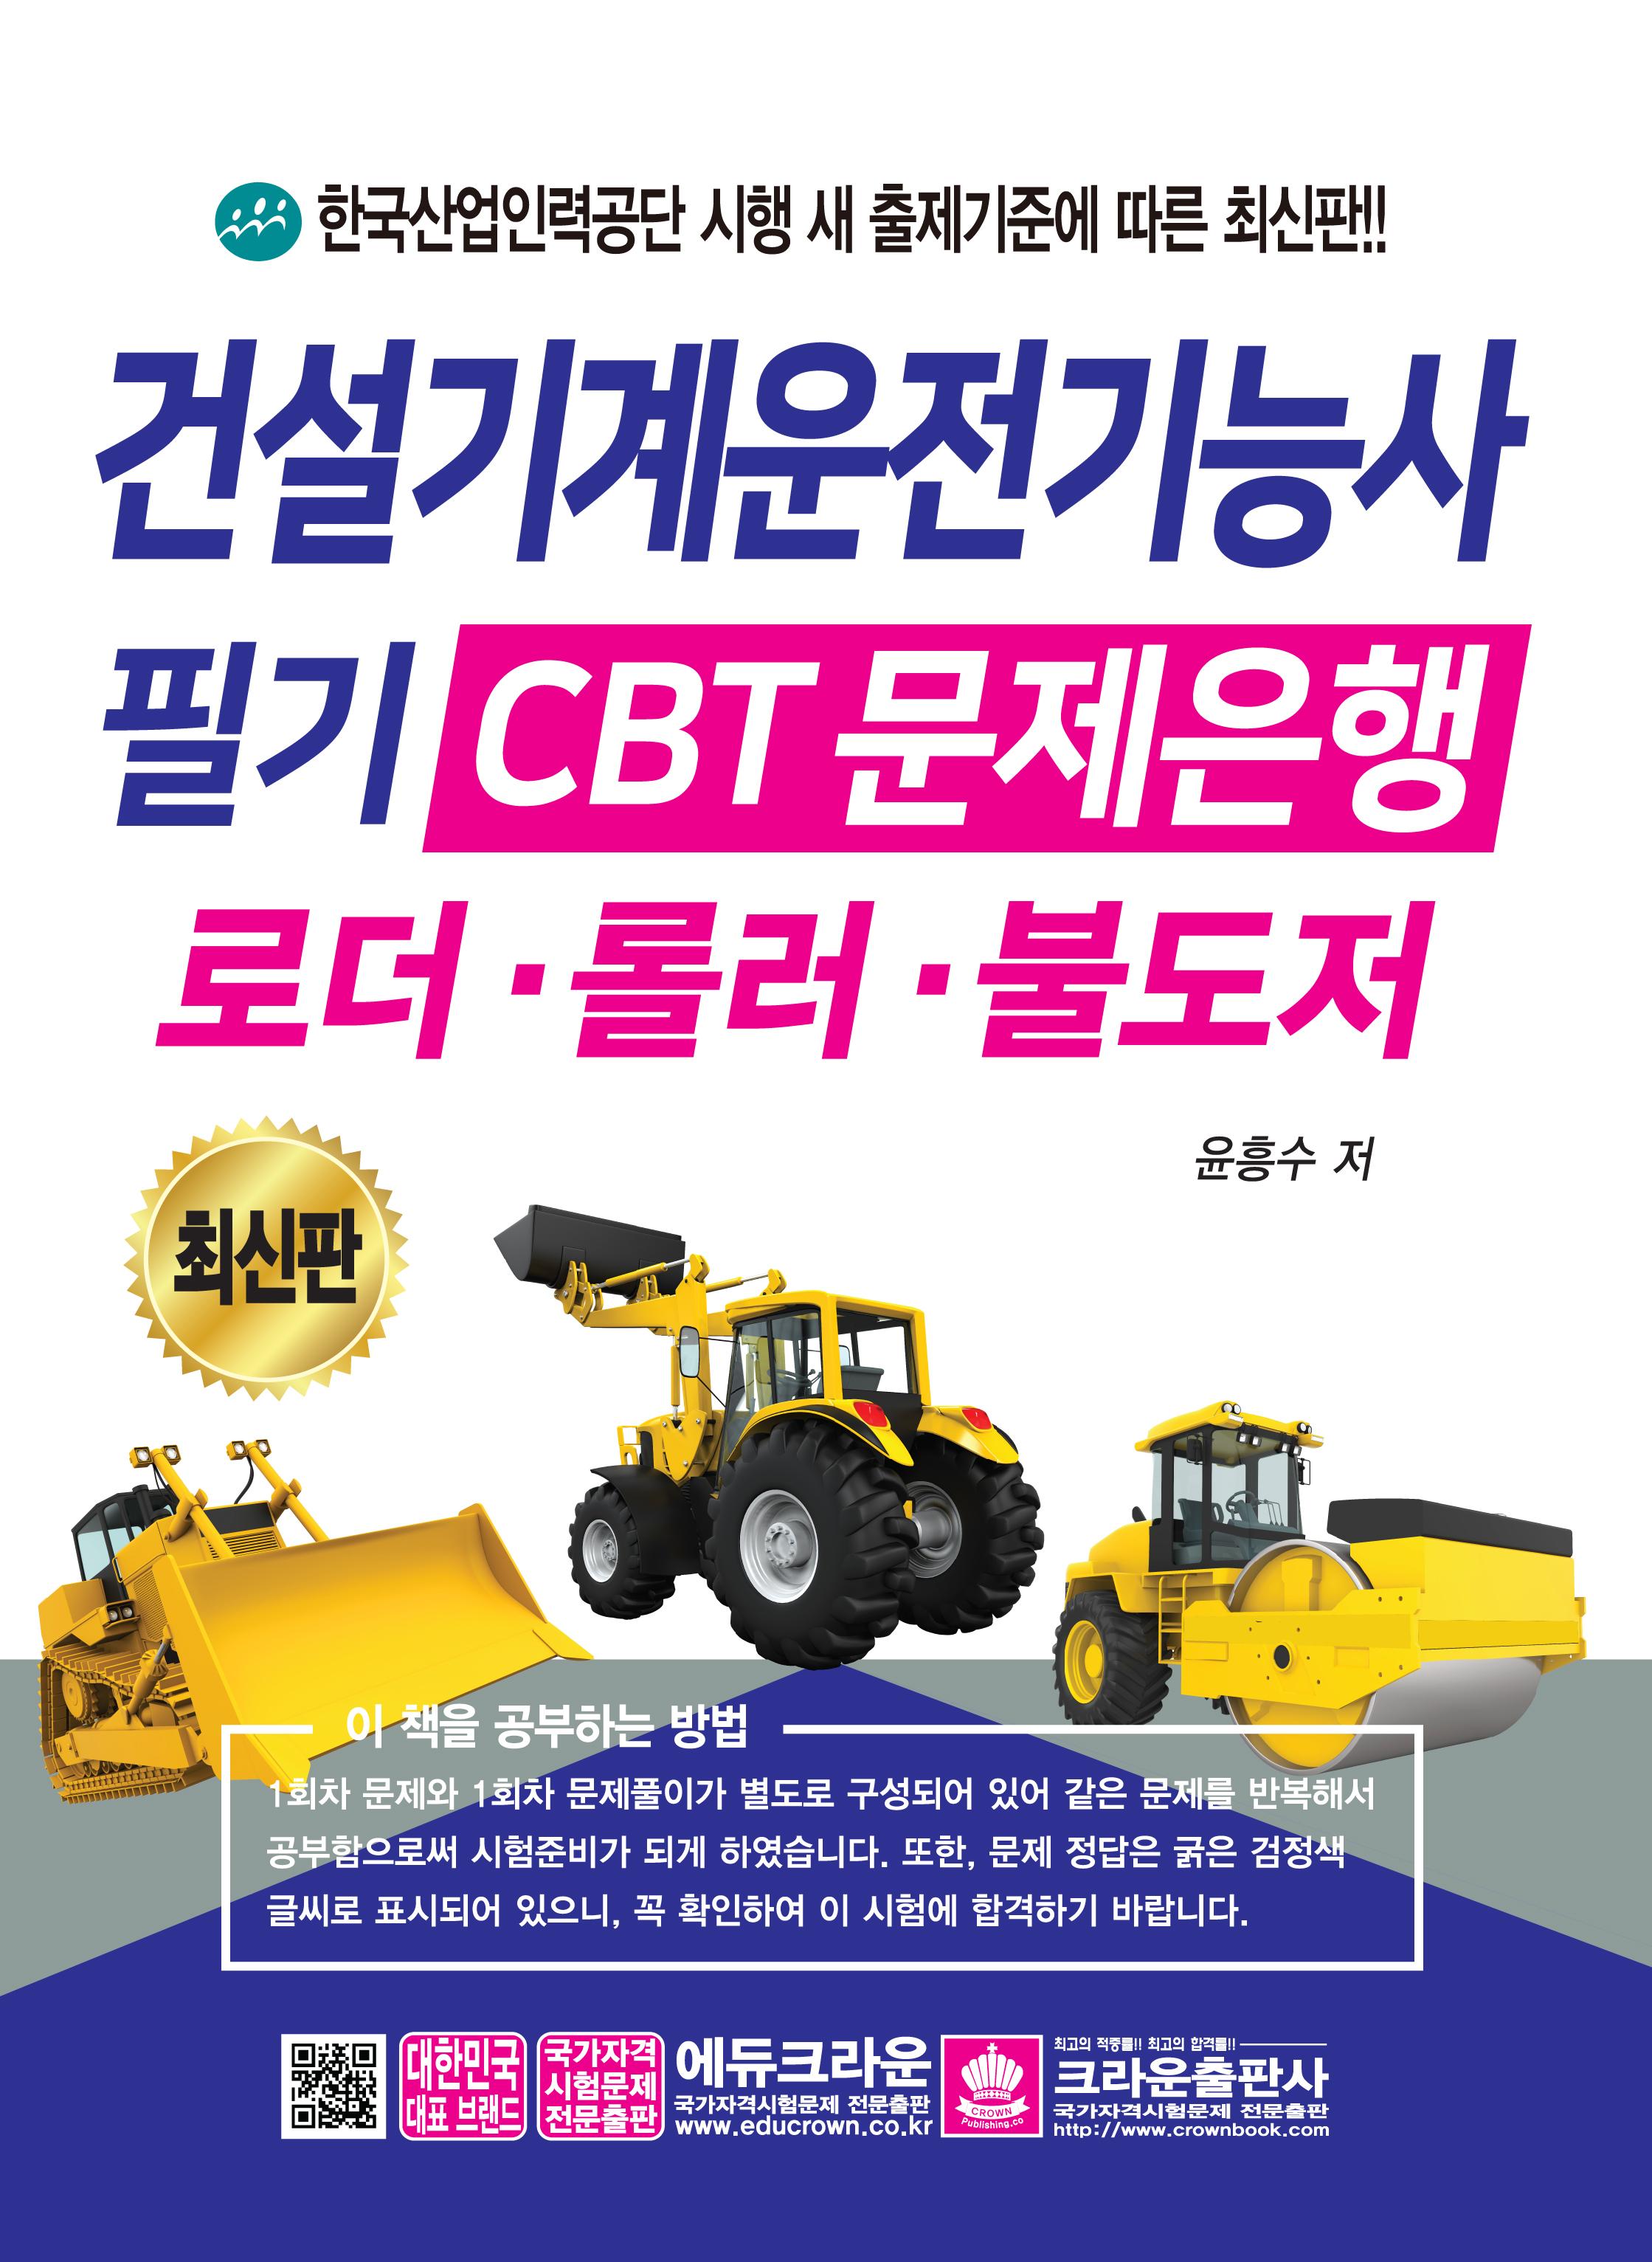 2019 건설기계운전기능사 필기 CBT문제은행 로더ㆍ롤러ㆍ불도저